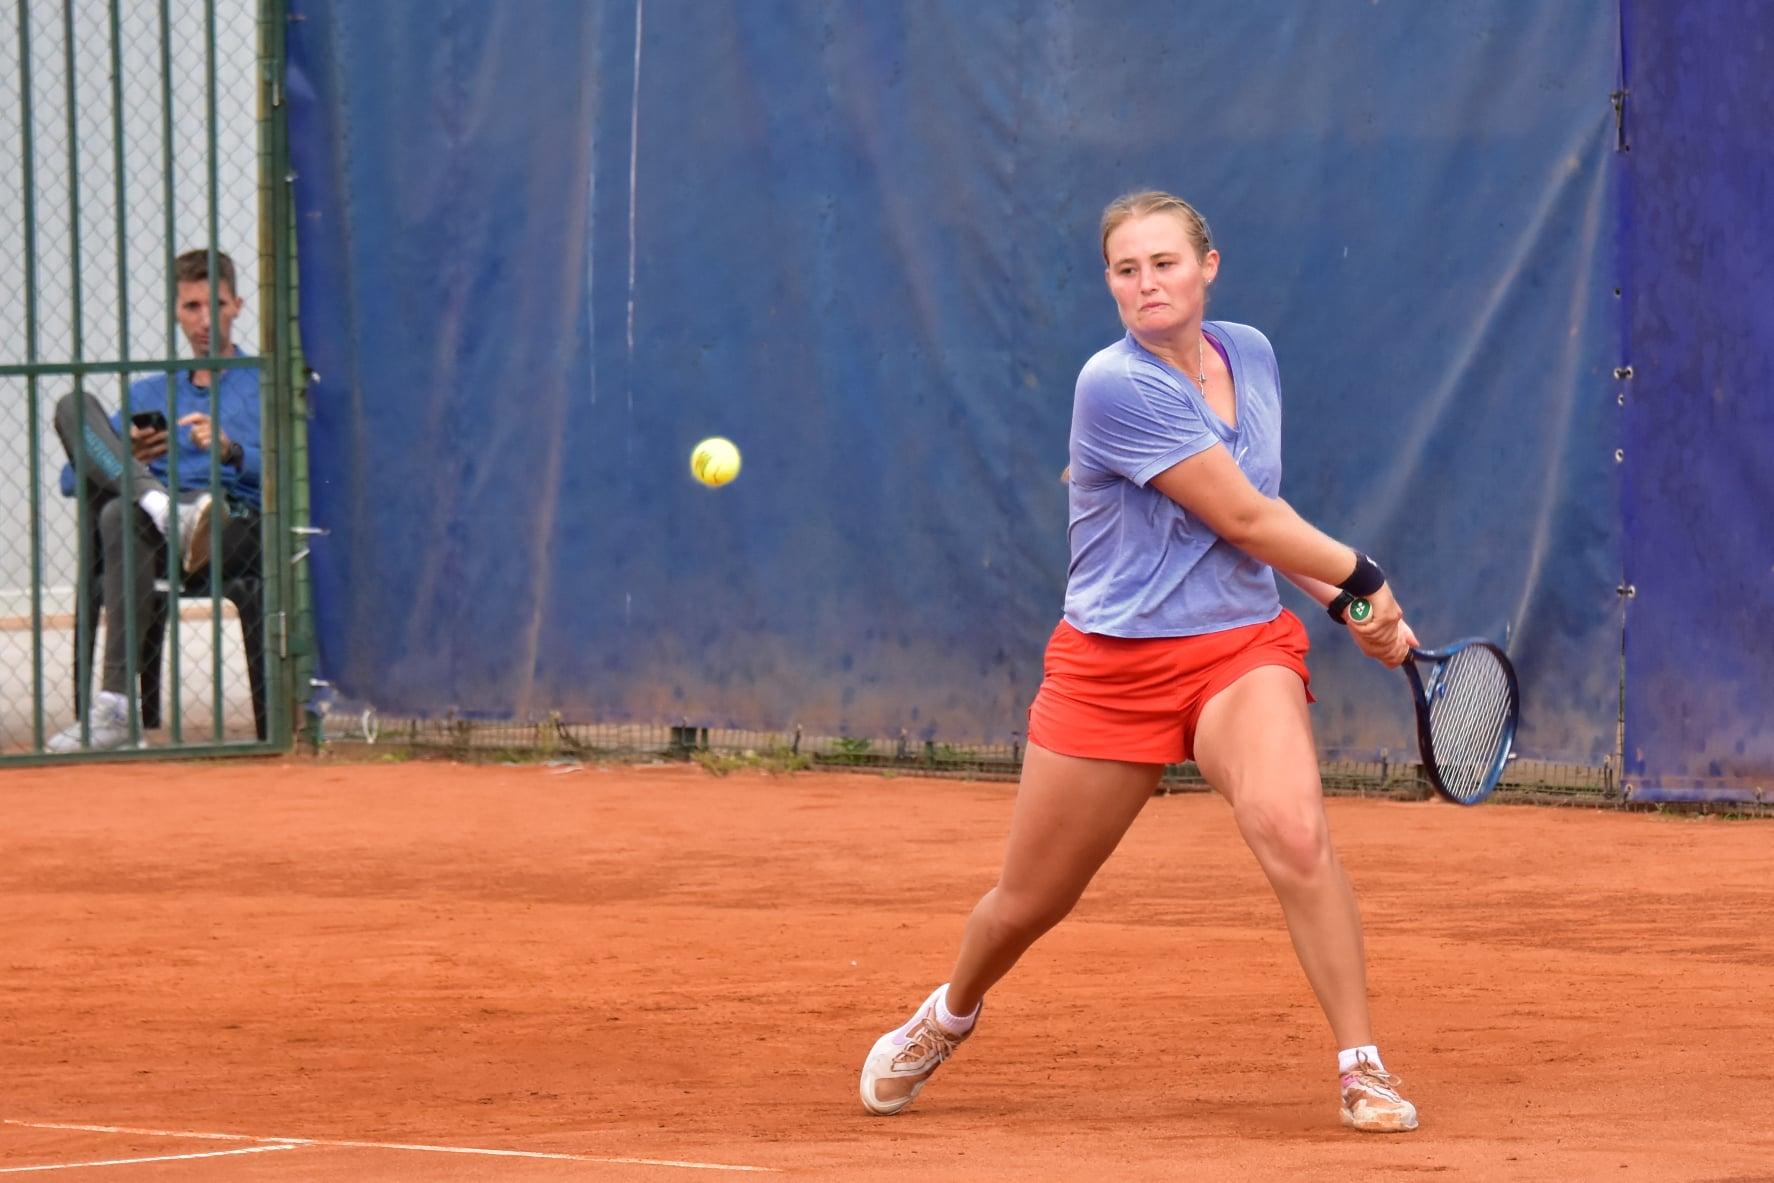 236925402 4472952152755959 6767594015630815271 n - ITF: Lara Smejkal po novem za Slovenijo, Dimic že dvakrat uspešen v Bolgariji